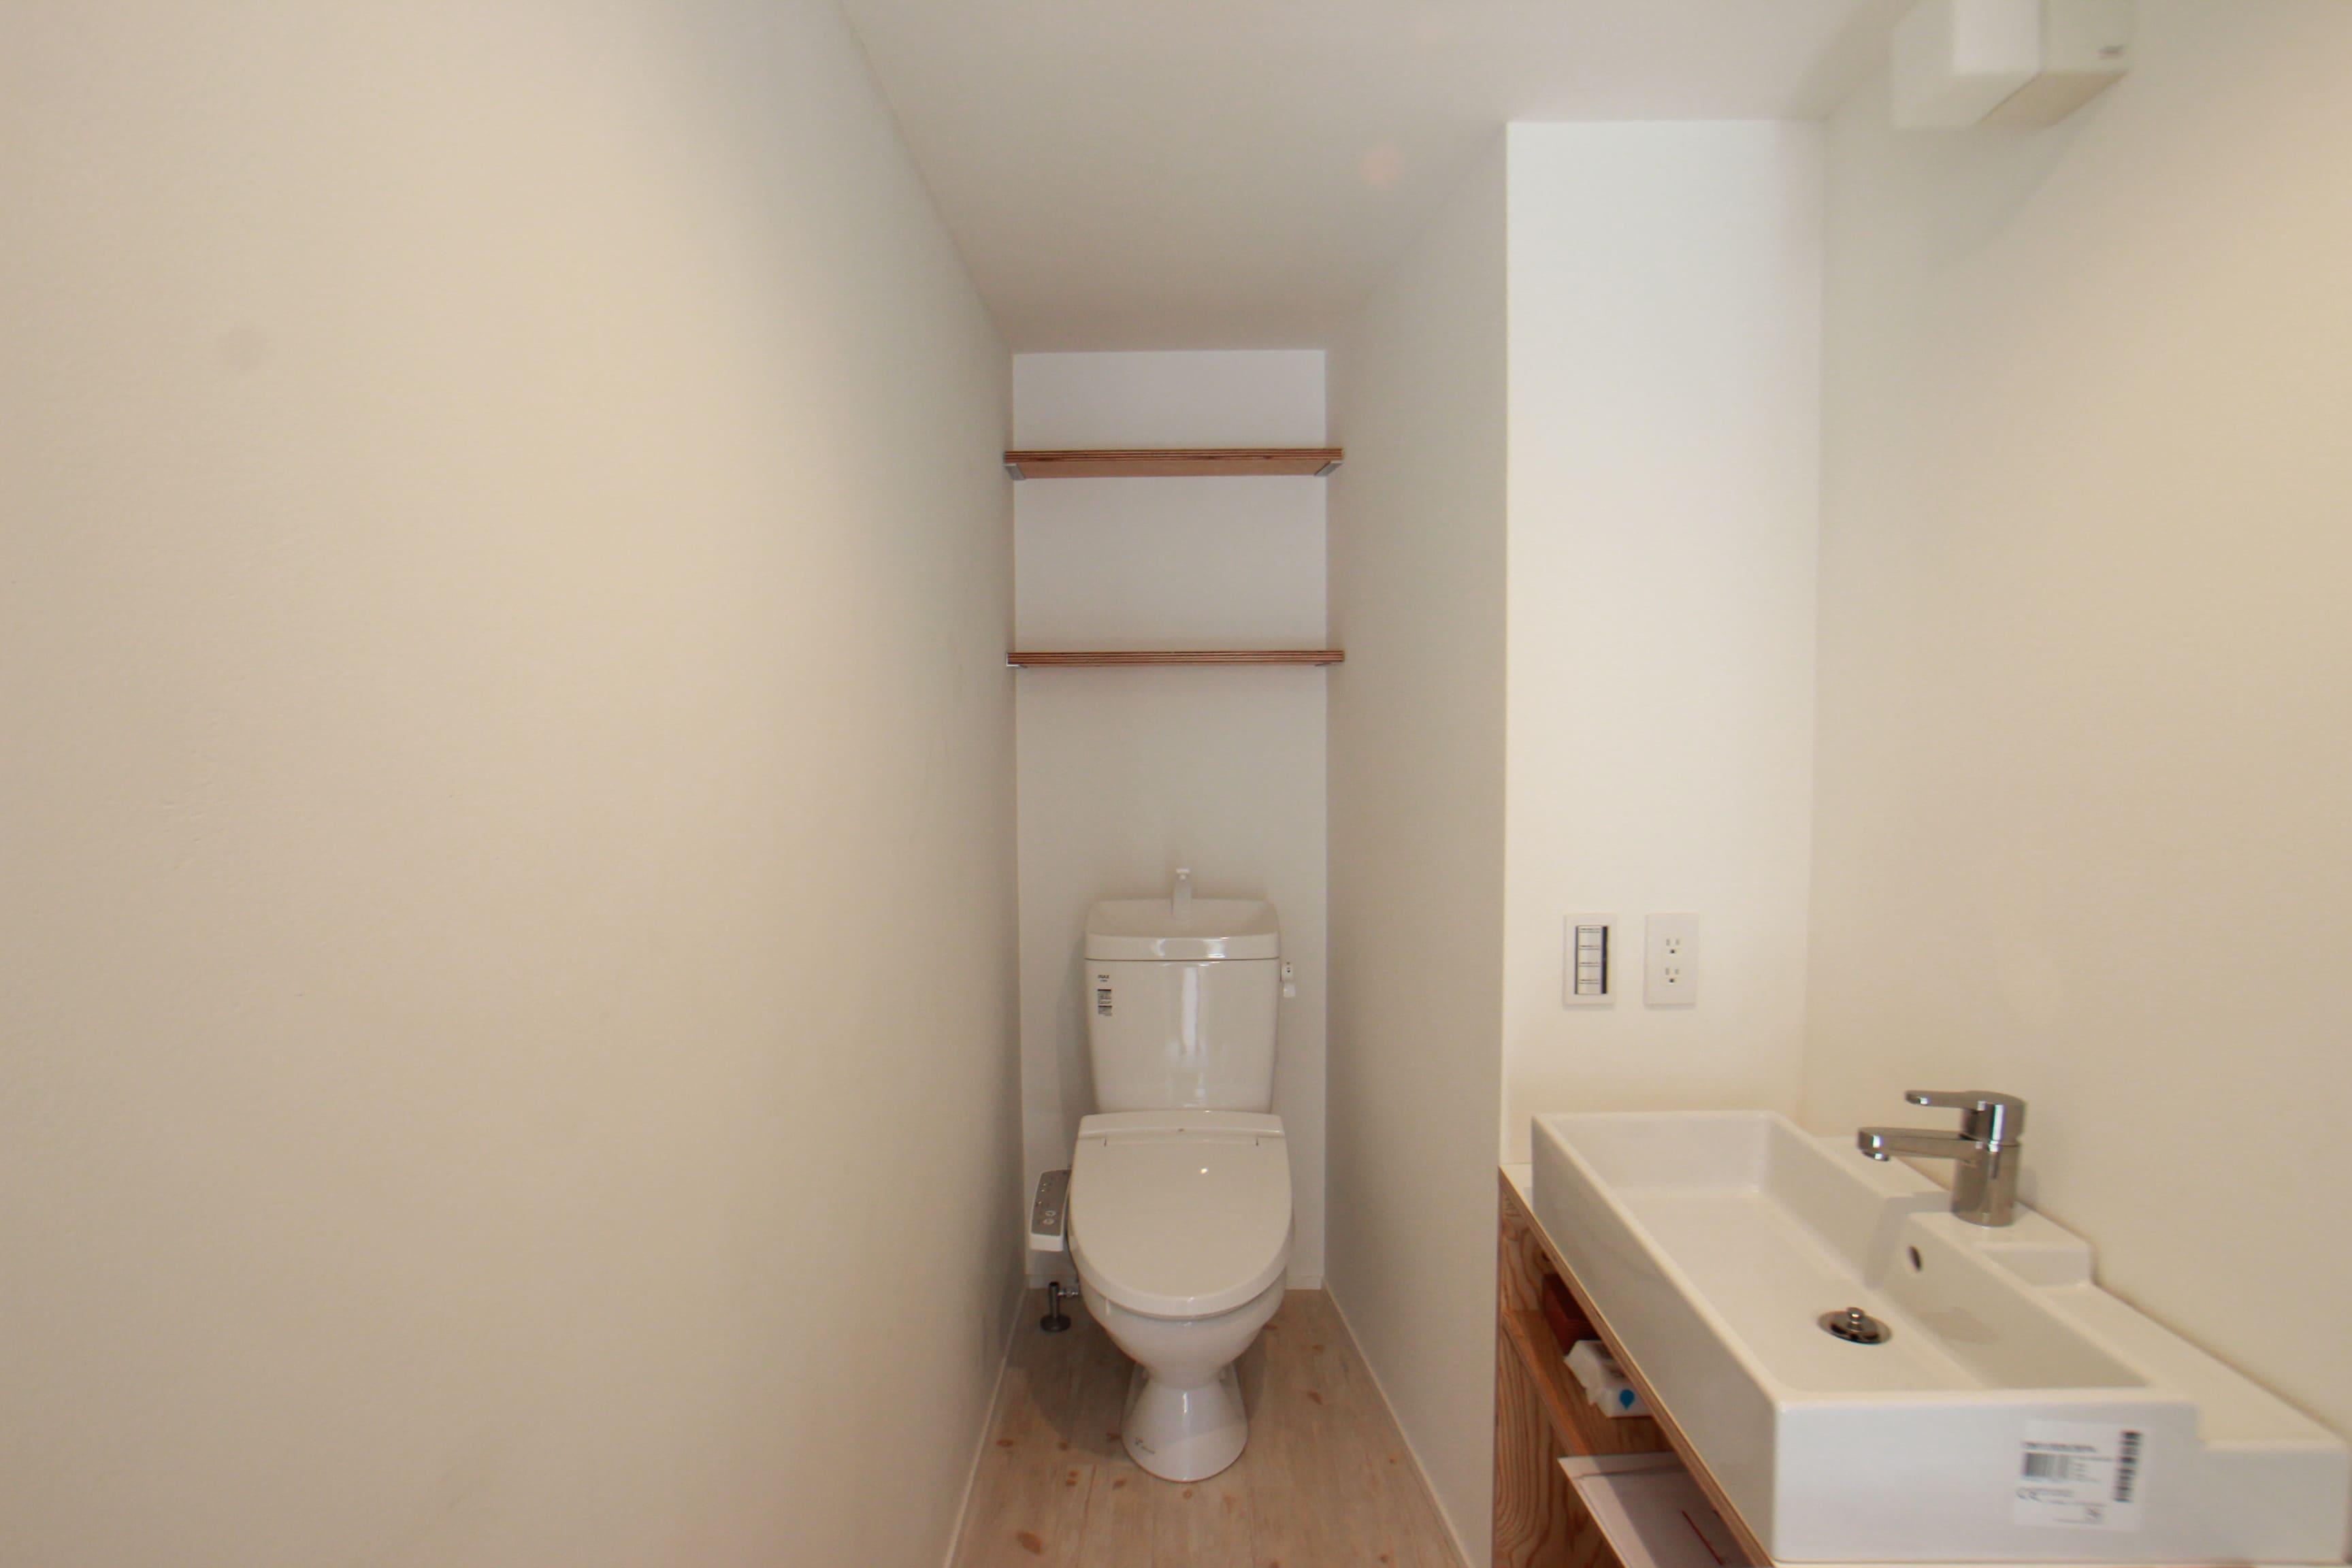 広めのおトイレ。洗面台の下には猫さん用のトイレが2個置ける空間があります。